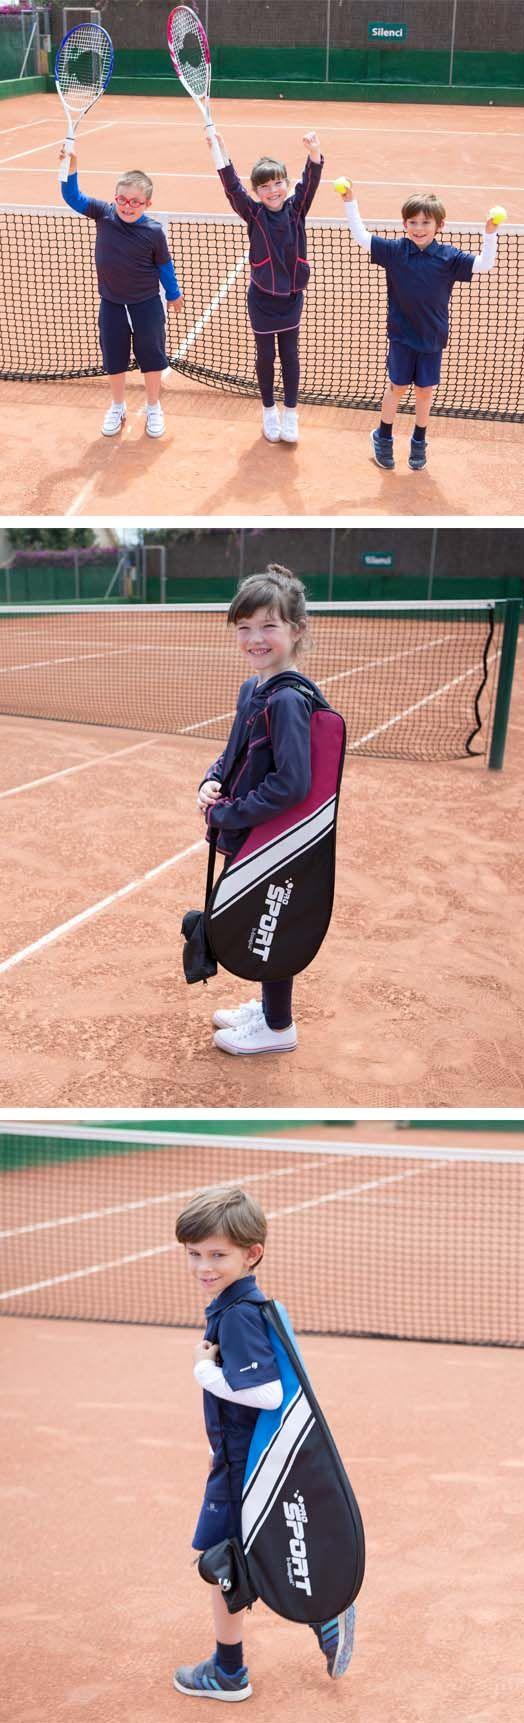 ¿Echamos una partido de tenis? ;) Set de tenis para empezar a practicar. Con bolsa de transporte. 1 raqueta y 3 pelotas incluidas. #tenis #deporte #niños #imaginarium